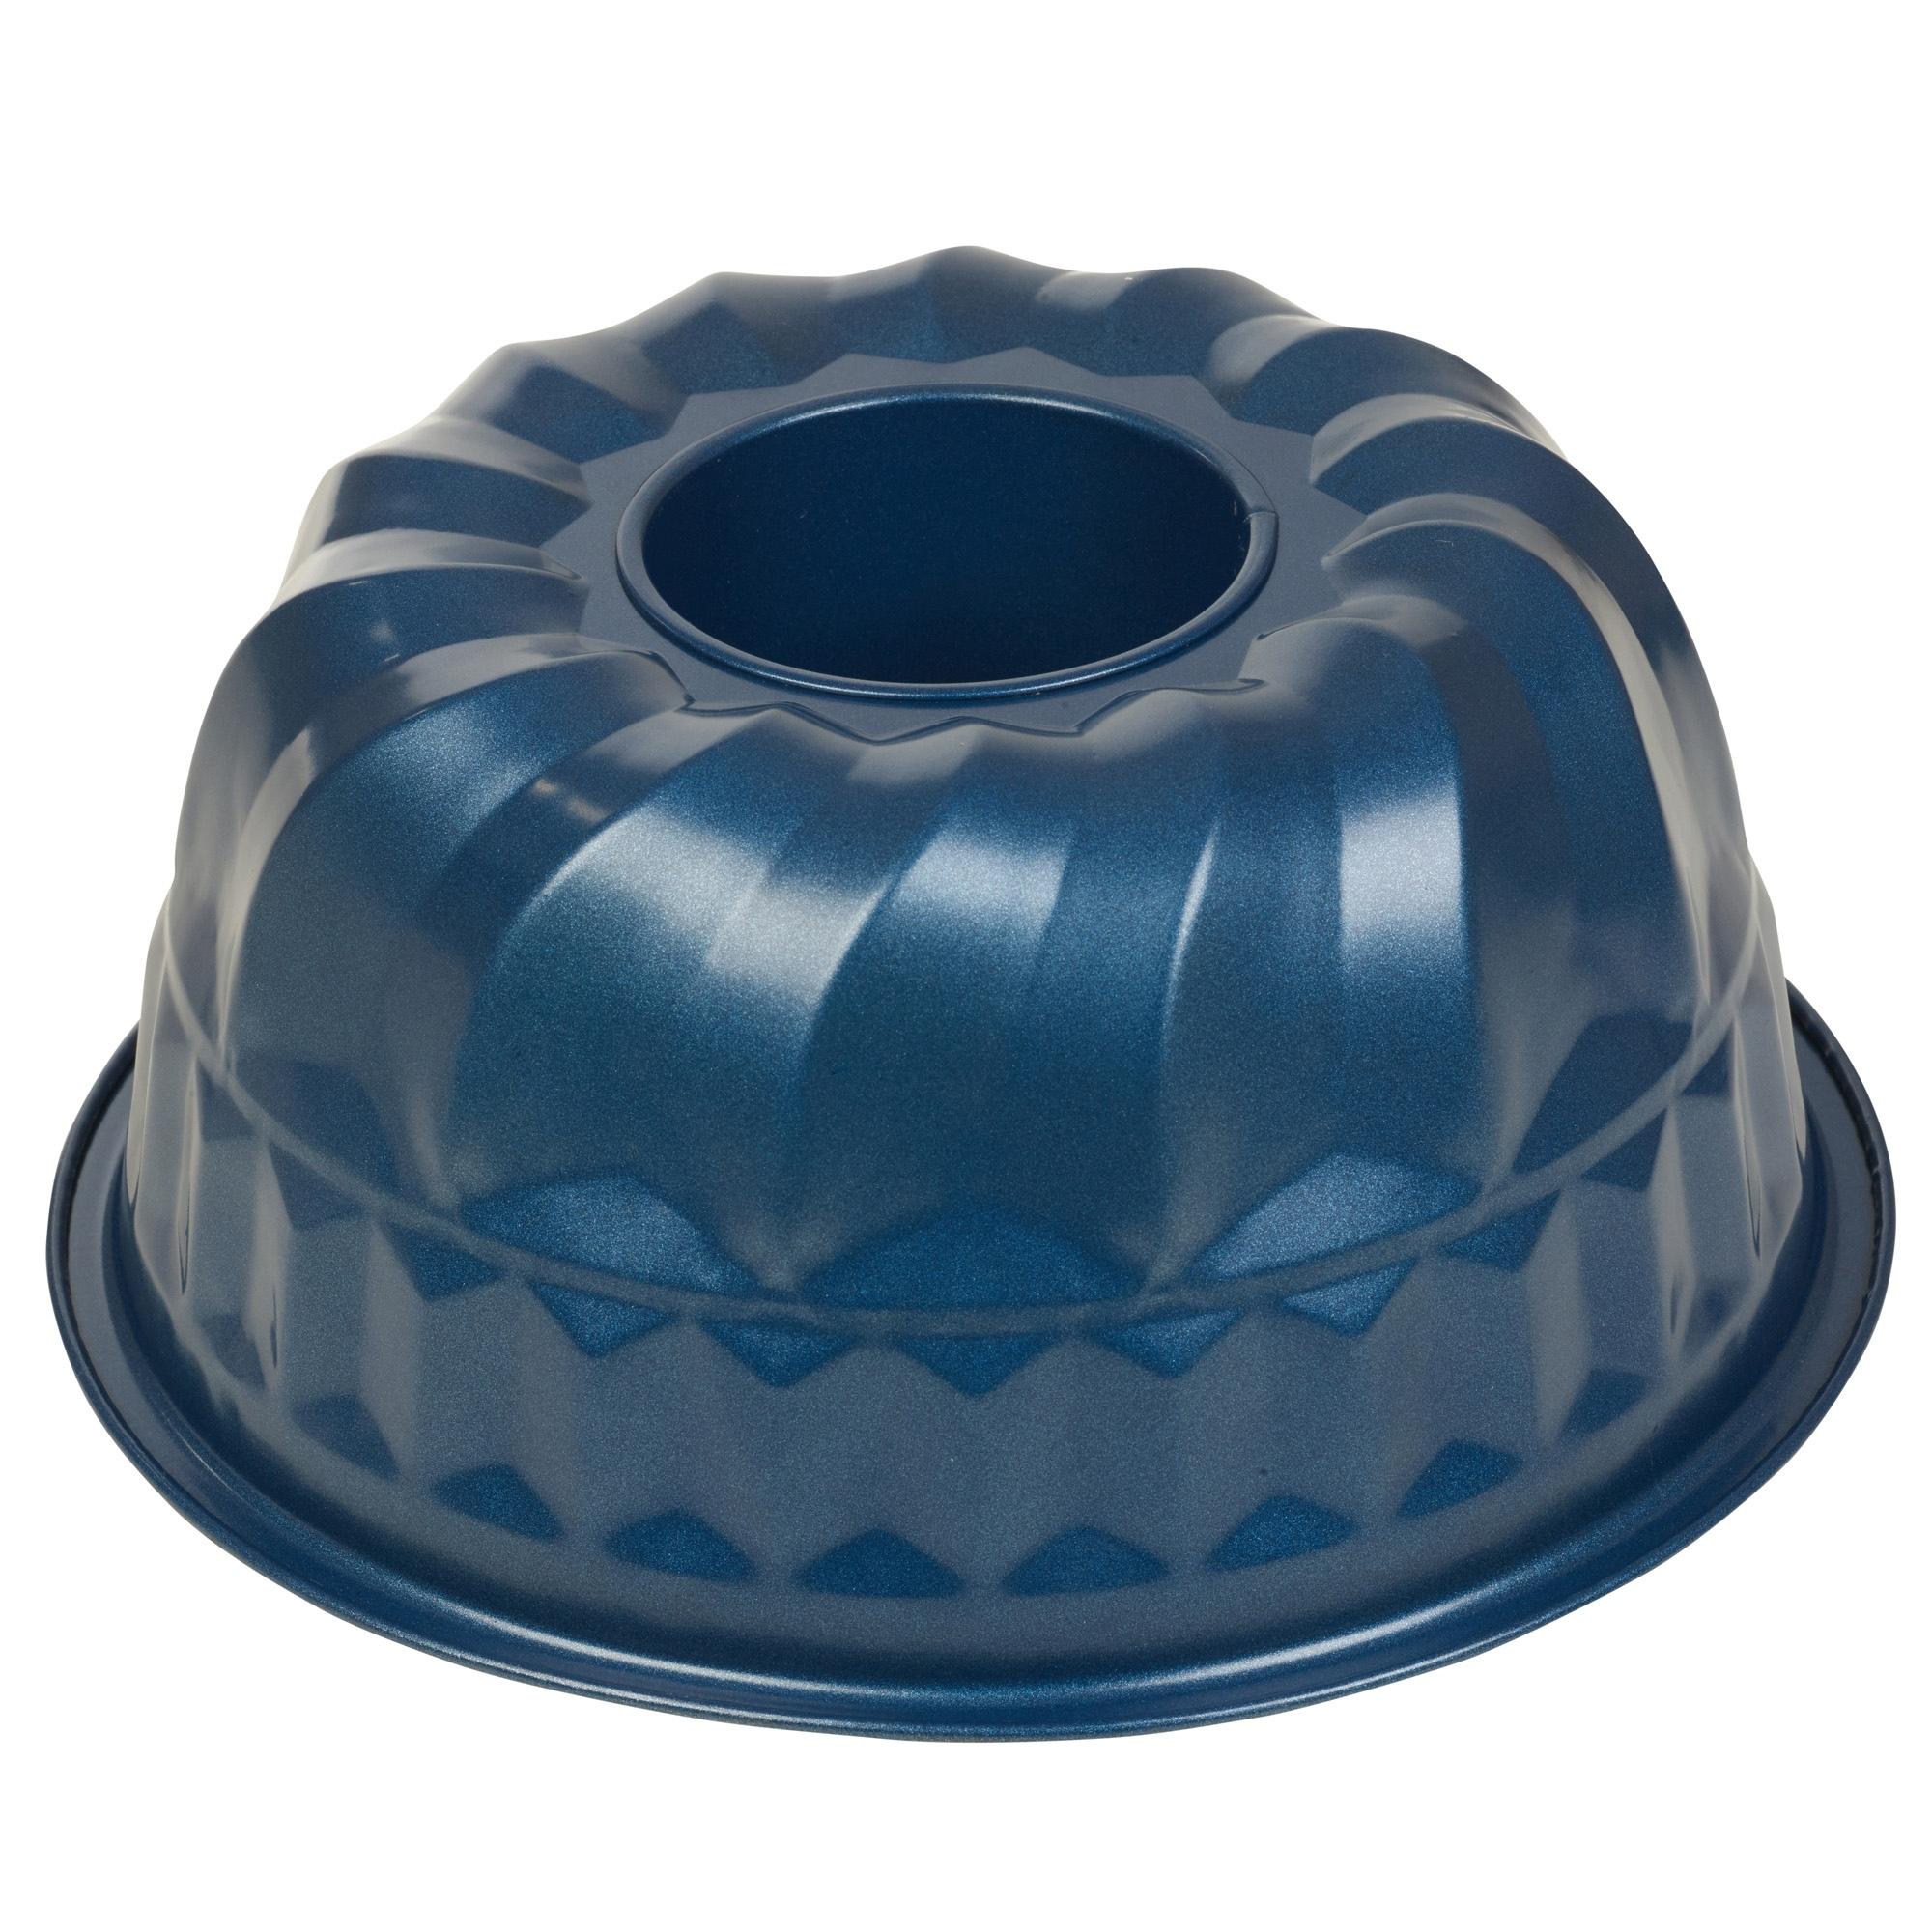 Kugelhopf Cake Tins